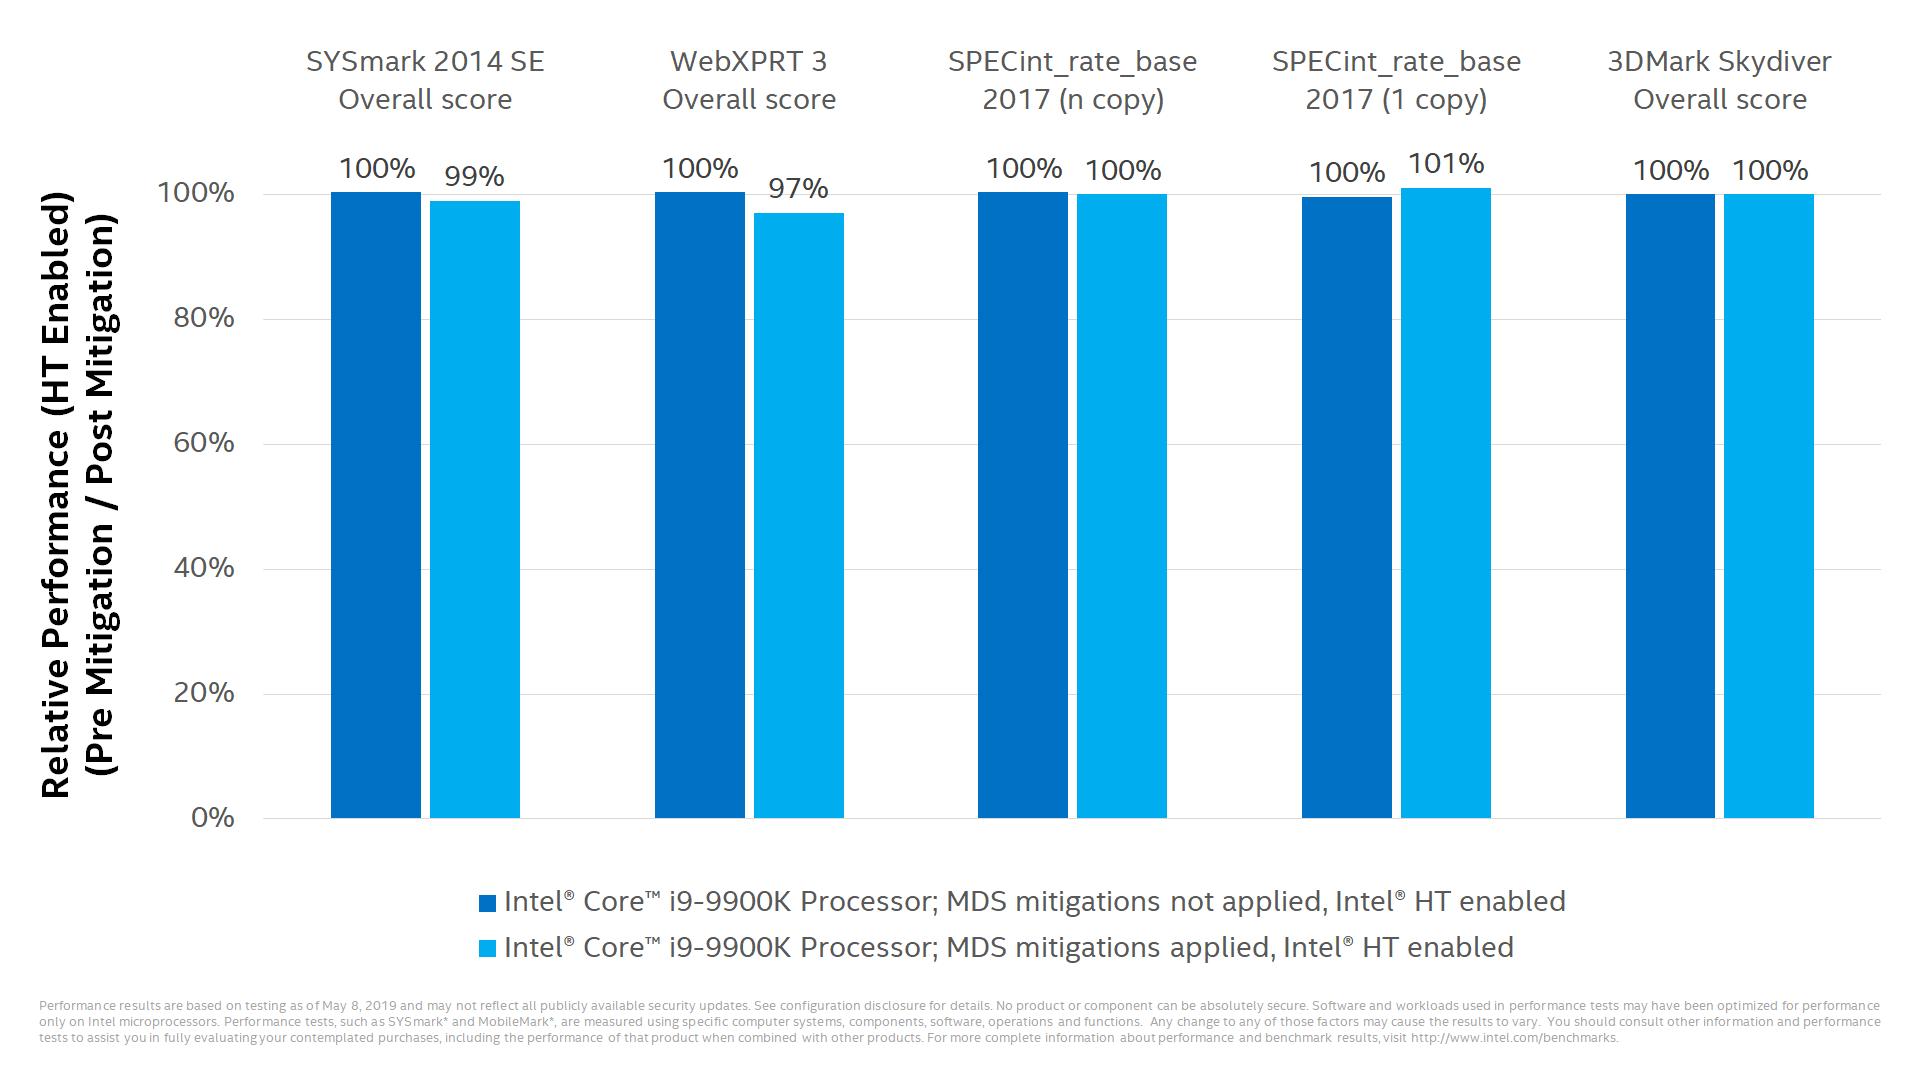 Intel демонстрирует, что частичное исправление уязвимости без отключения Hyper-Threading незначительно влияет на производительность